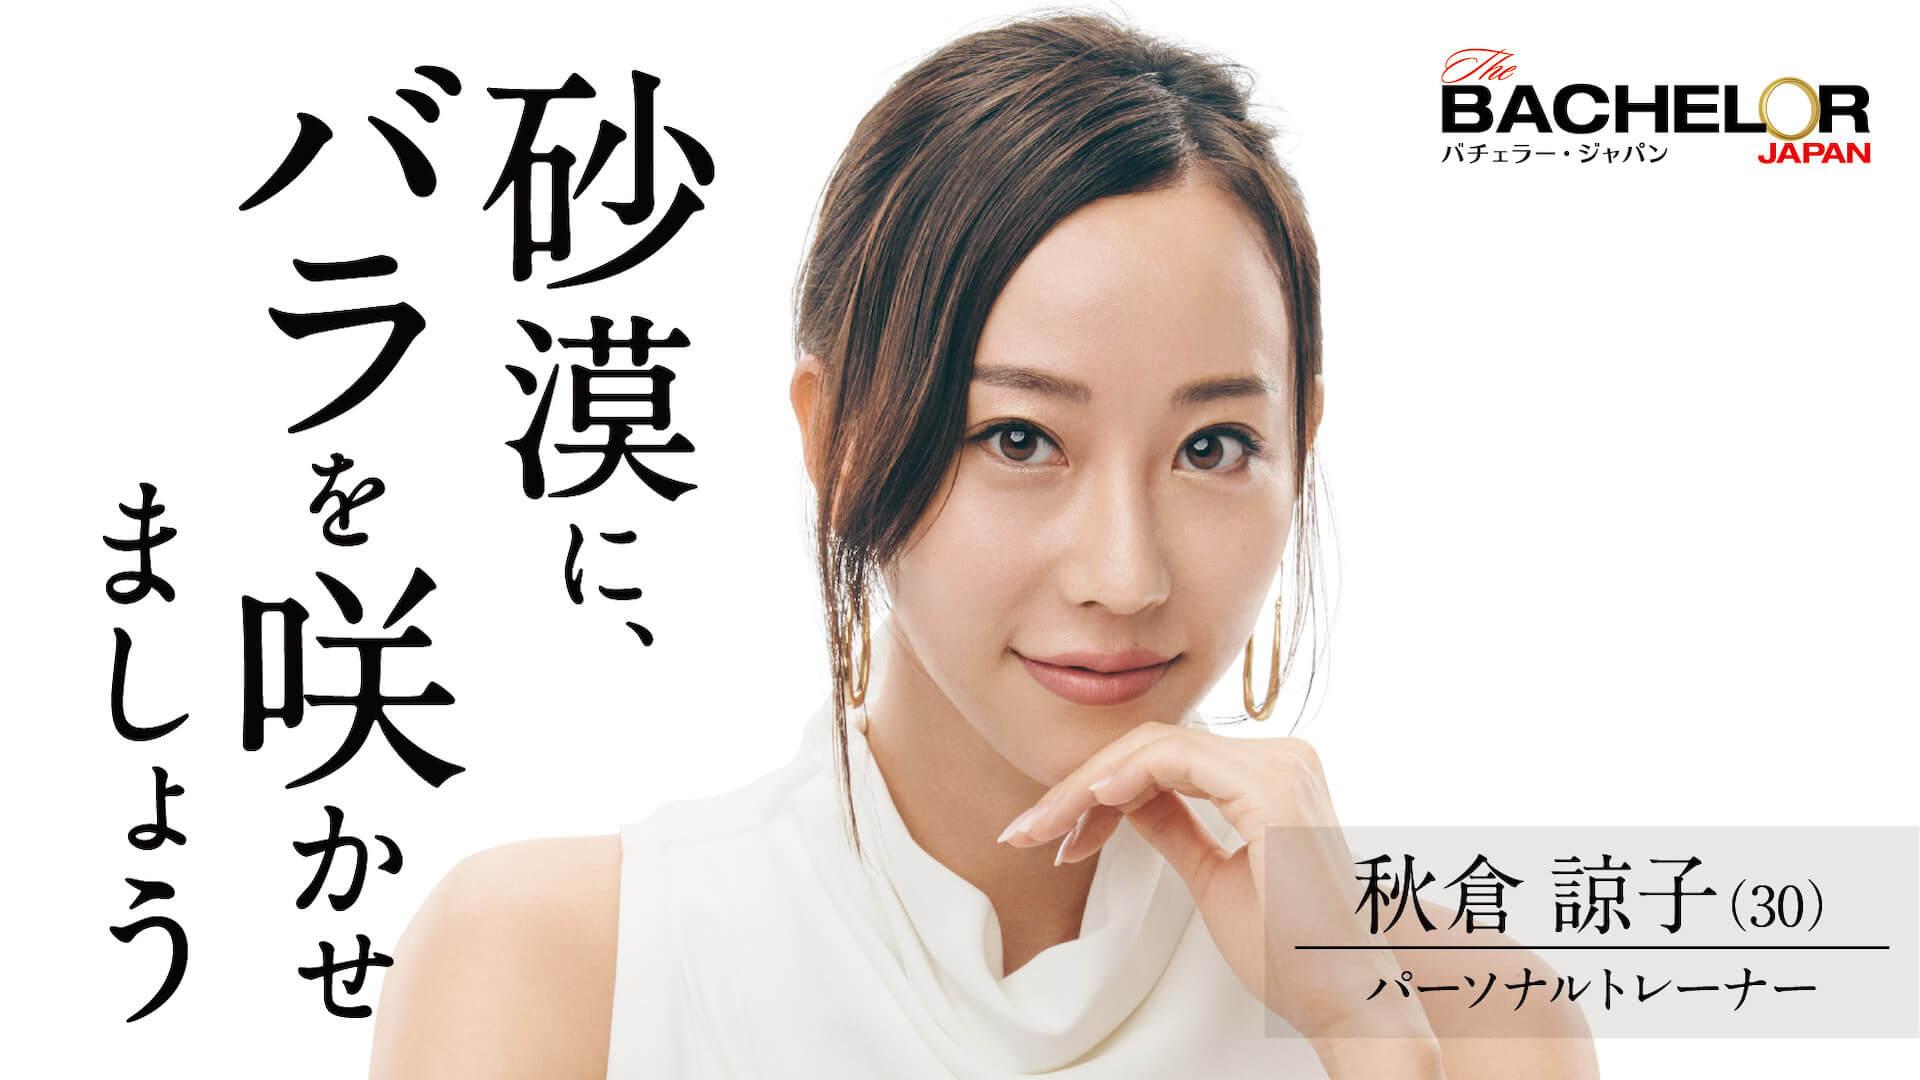 モデル、レディ・ユニバース2020日本代表、医者、経営者など続々登場!『バチェラー・ジャパン』シーズン4の女性参加者15名が一挙発表 art211007_bacelorjapan_7